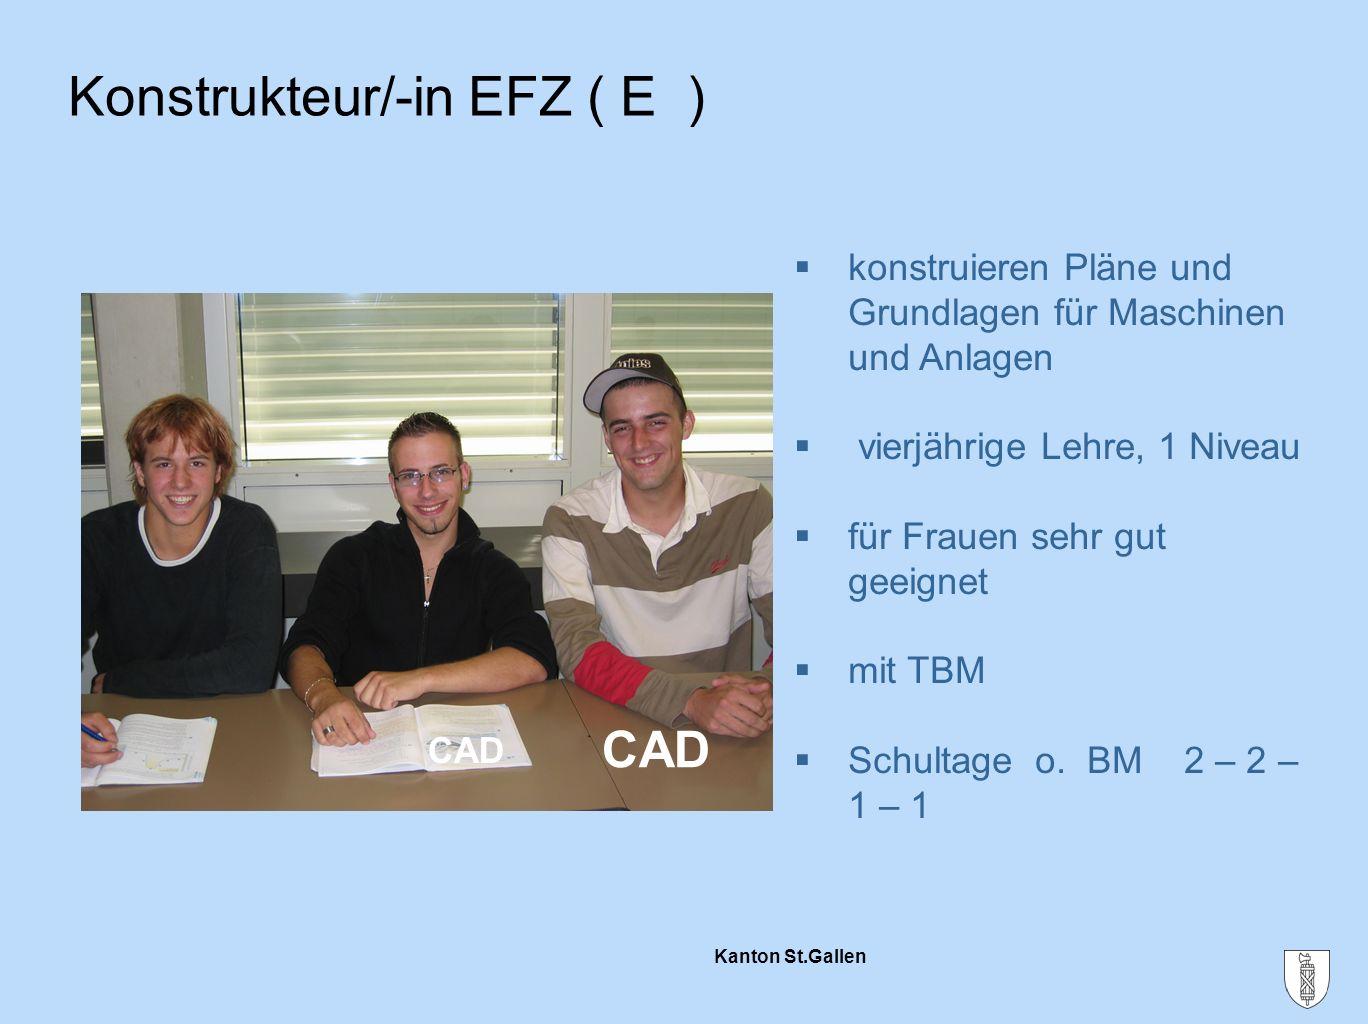 Kanton St.Gallen Konstrukteur/-in EFZ ( E ) CAD  konstruieren Pläne und Grundlagen für Maschinen und Anlagen  vierjährige Lehre, 1 Niveau  für Frau